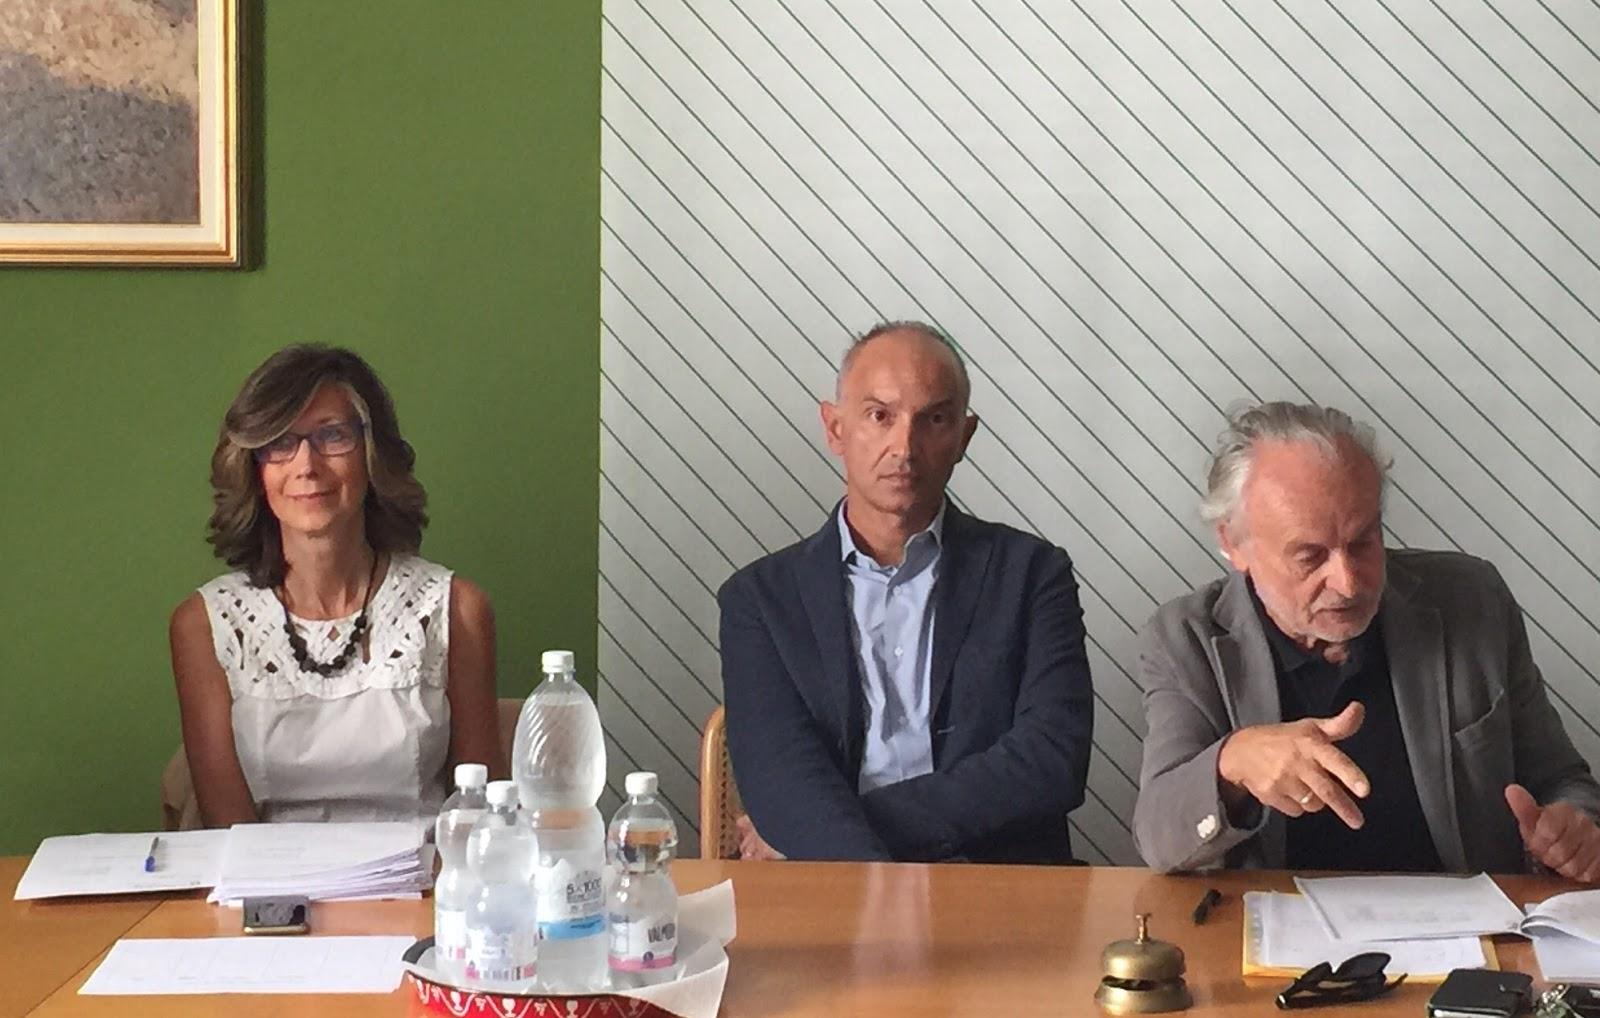 Da sinistra: Gabriella Fantolino, Enrico Allasia e Oreste Massimino